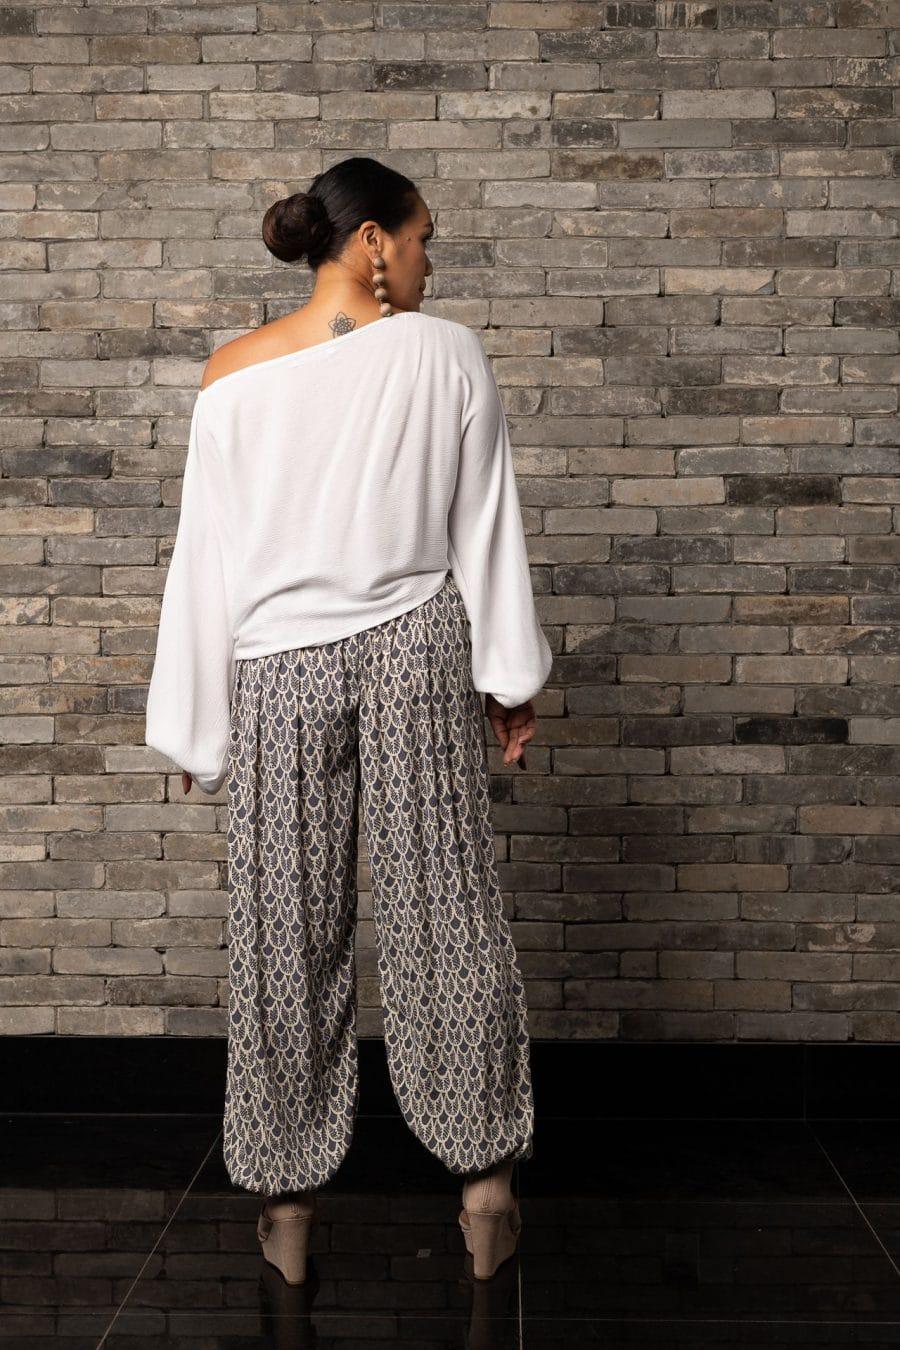 Model wearing Waioli Pant in Pavement Moonbeam Palulu Pattern - Back View